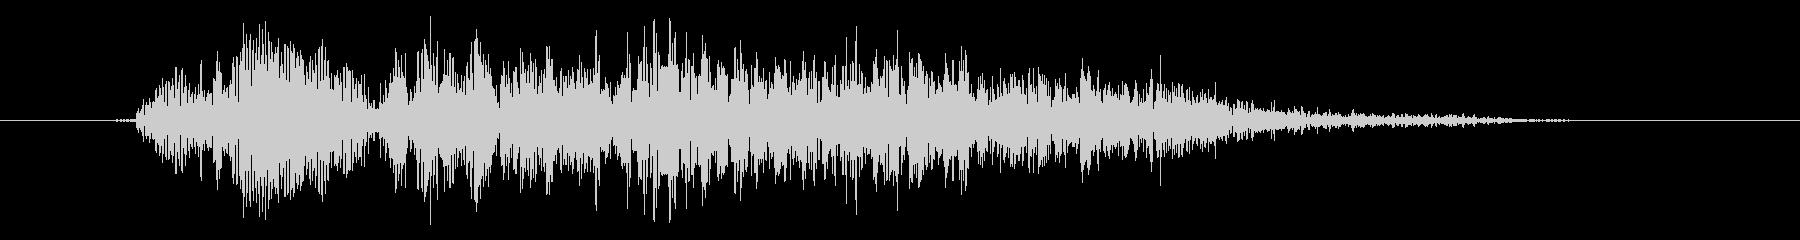 大型モンスターの声 ダメージ グアッの未再生の波形